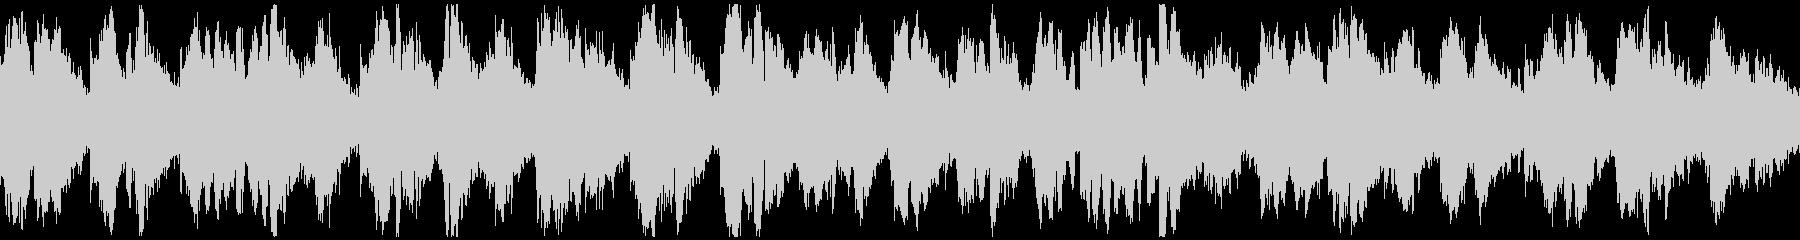 キラキラ神秘的なリラックス曲 ※ループ版の未再生の波形